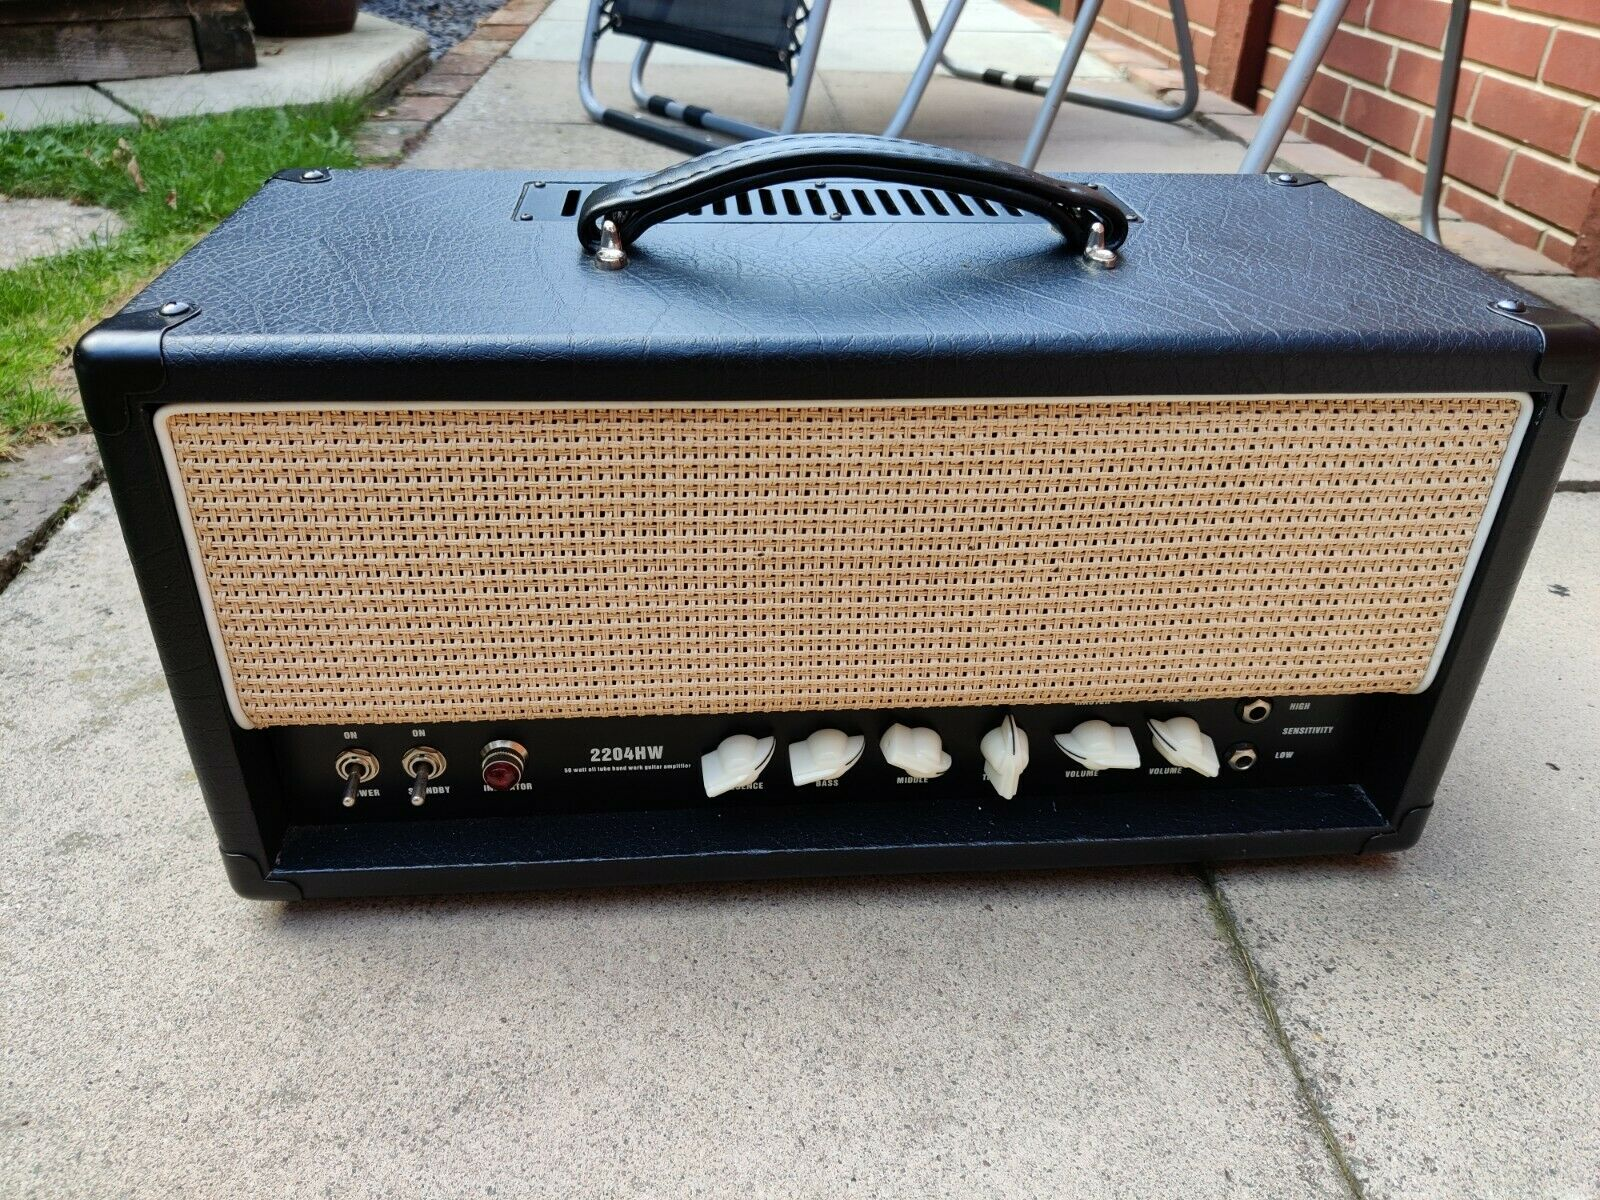 Wang's Guitar Amplifier 2204HW